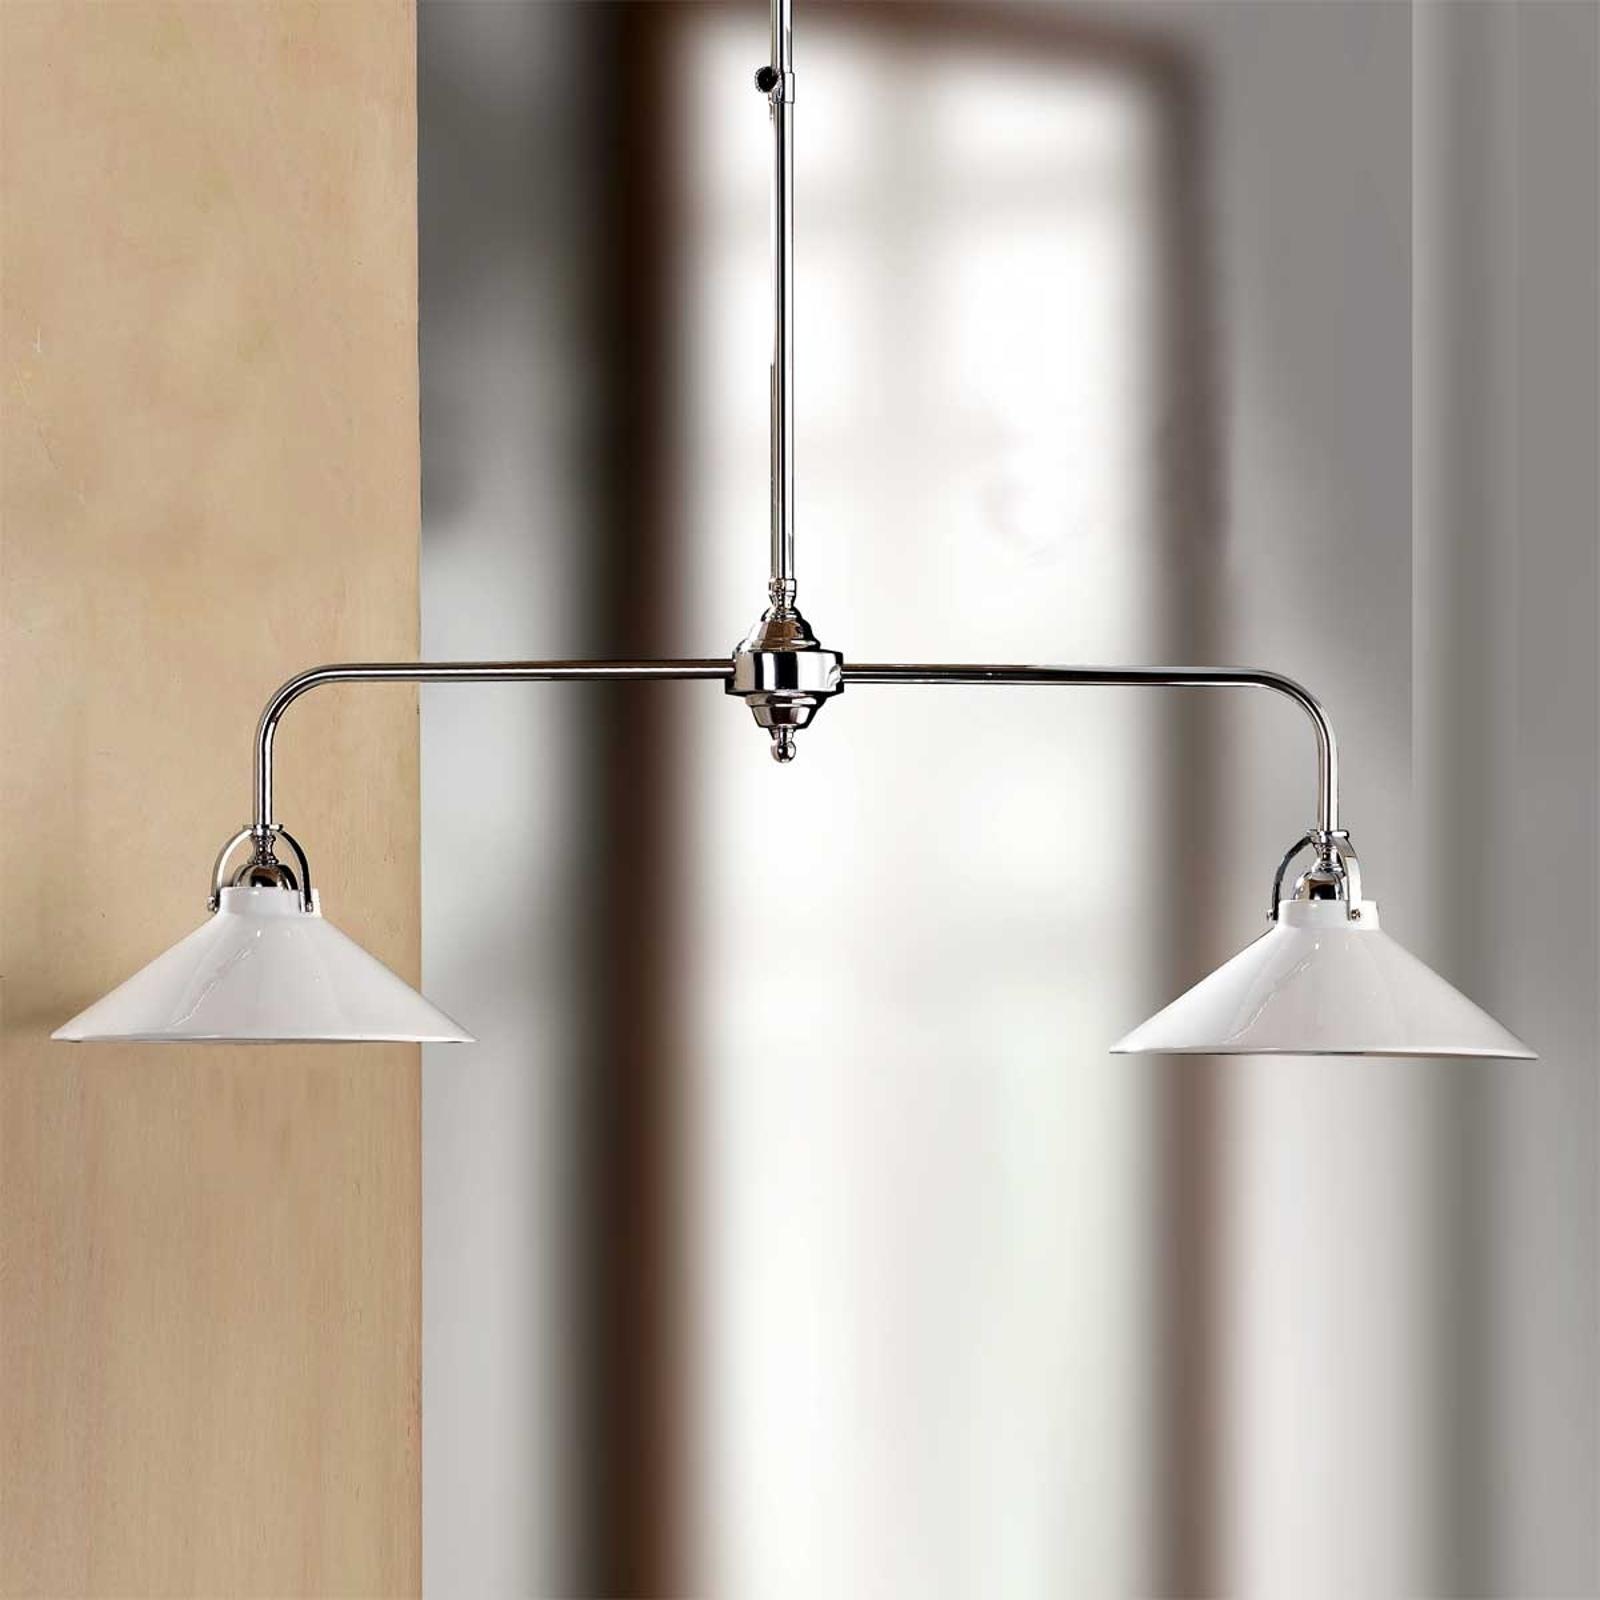 GIACOMO hanging light with ceramic shades, 2-bulb_2013093_1